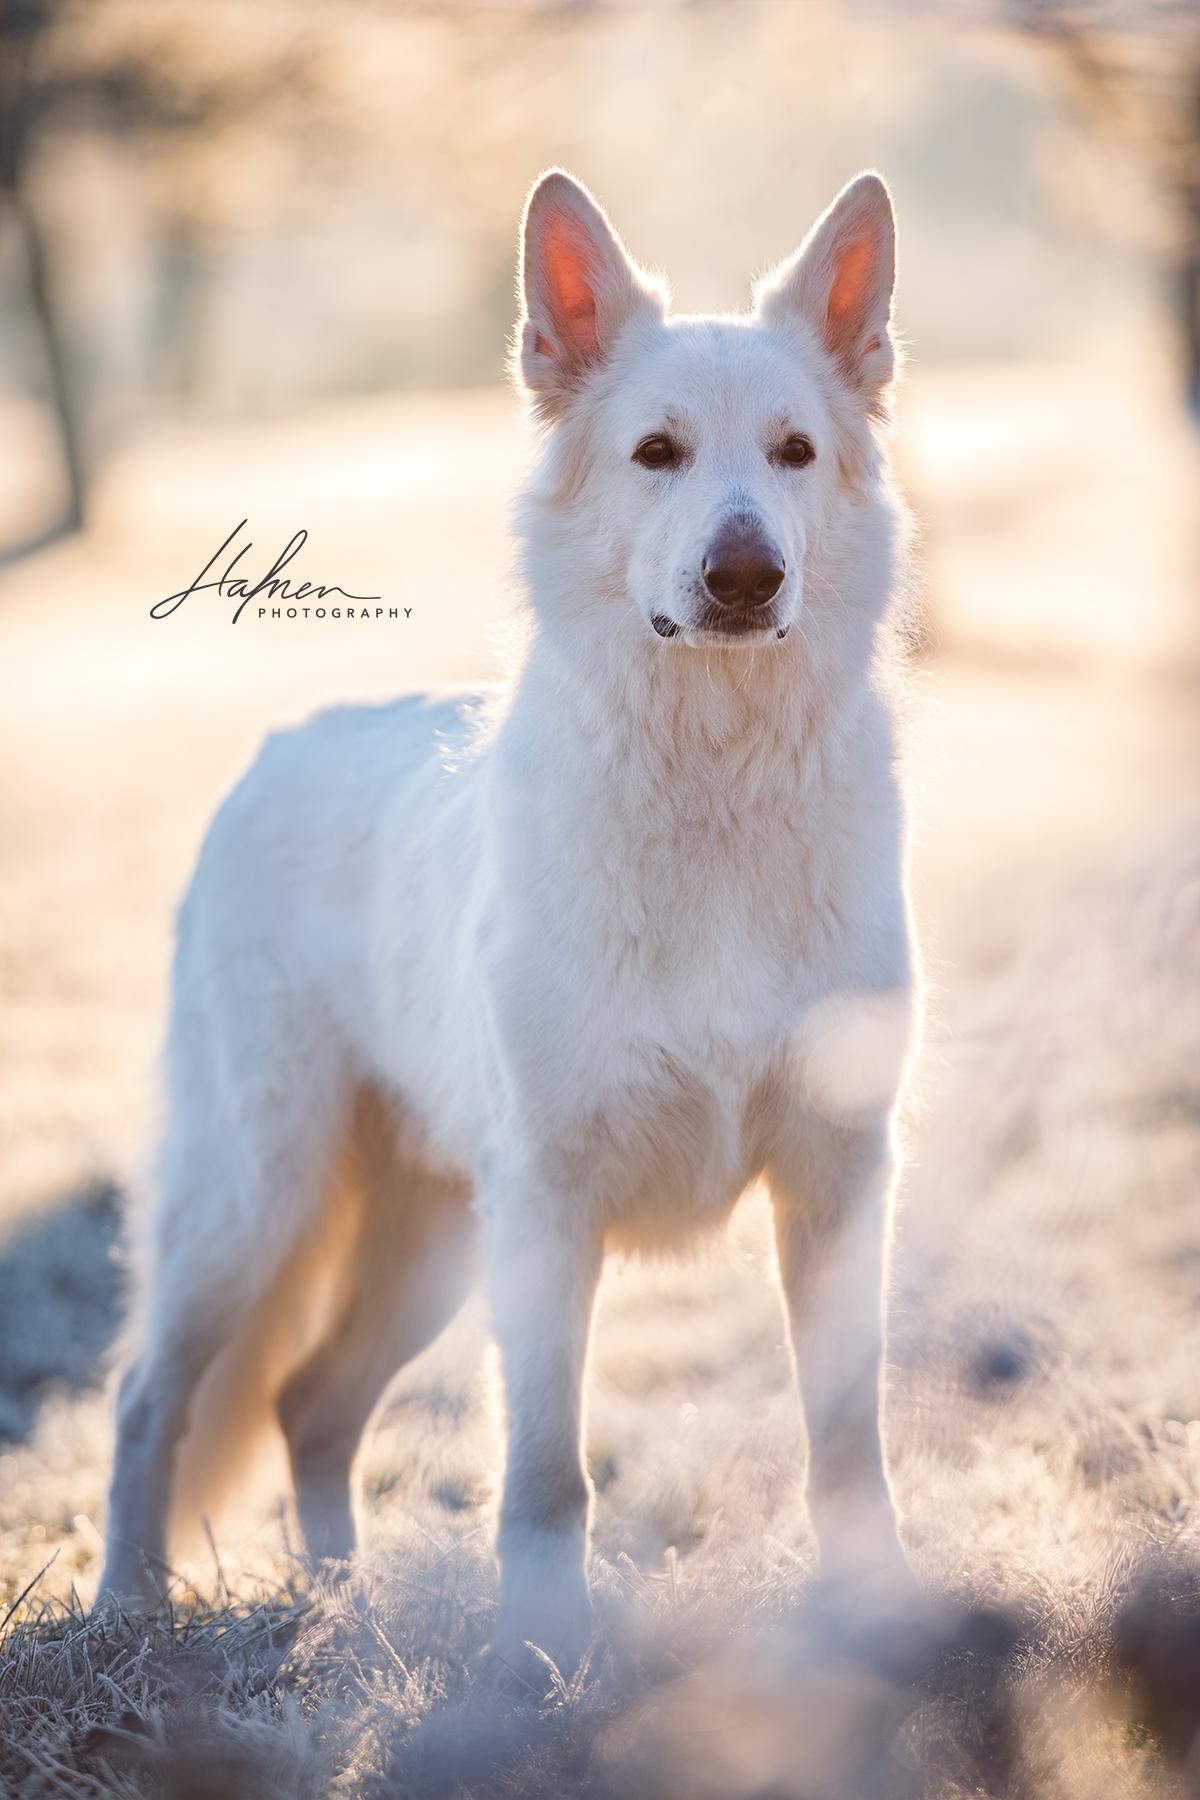 Weisser Schweizer Schaferhund Steht Im Morgenlicht Auf Eingefrorener Wiese Hund Bilder Foto Fotografie Schweizer Schaferhund Schaferhunde Hunde Fotos